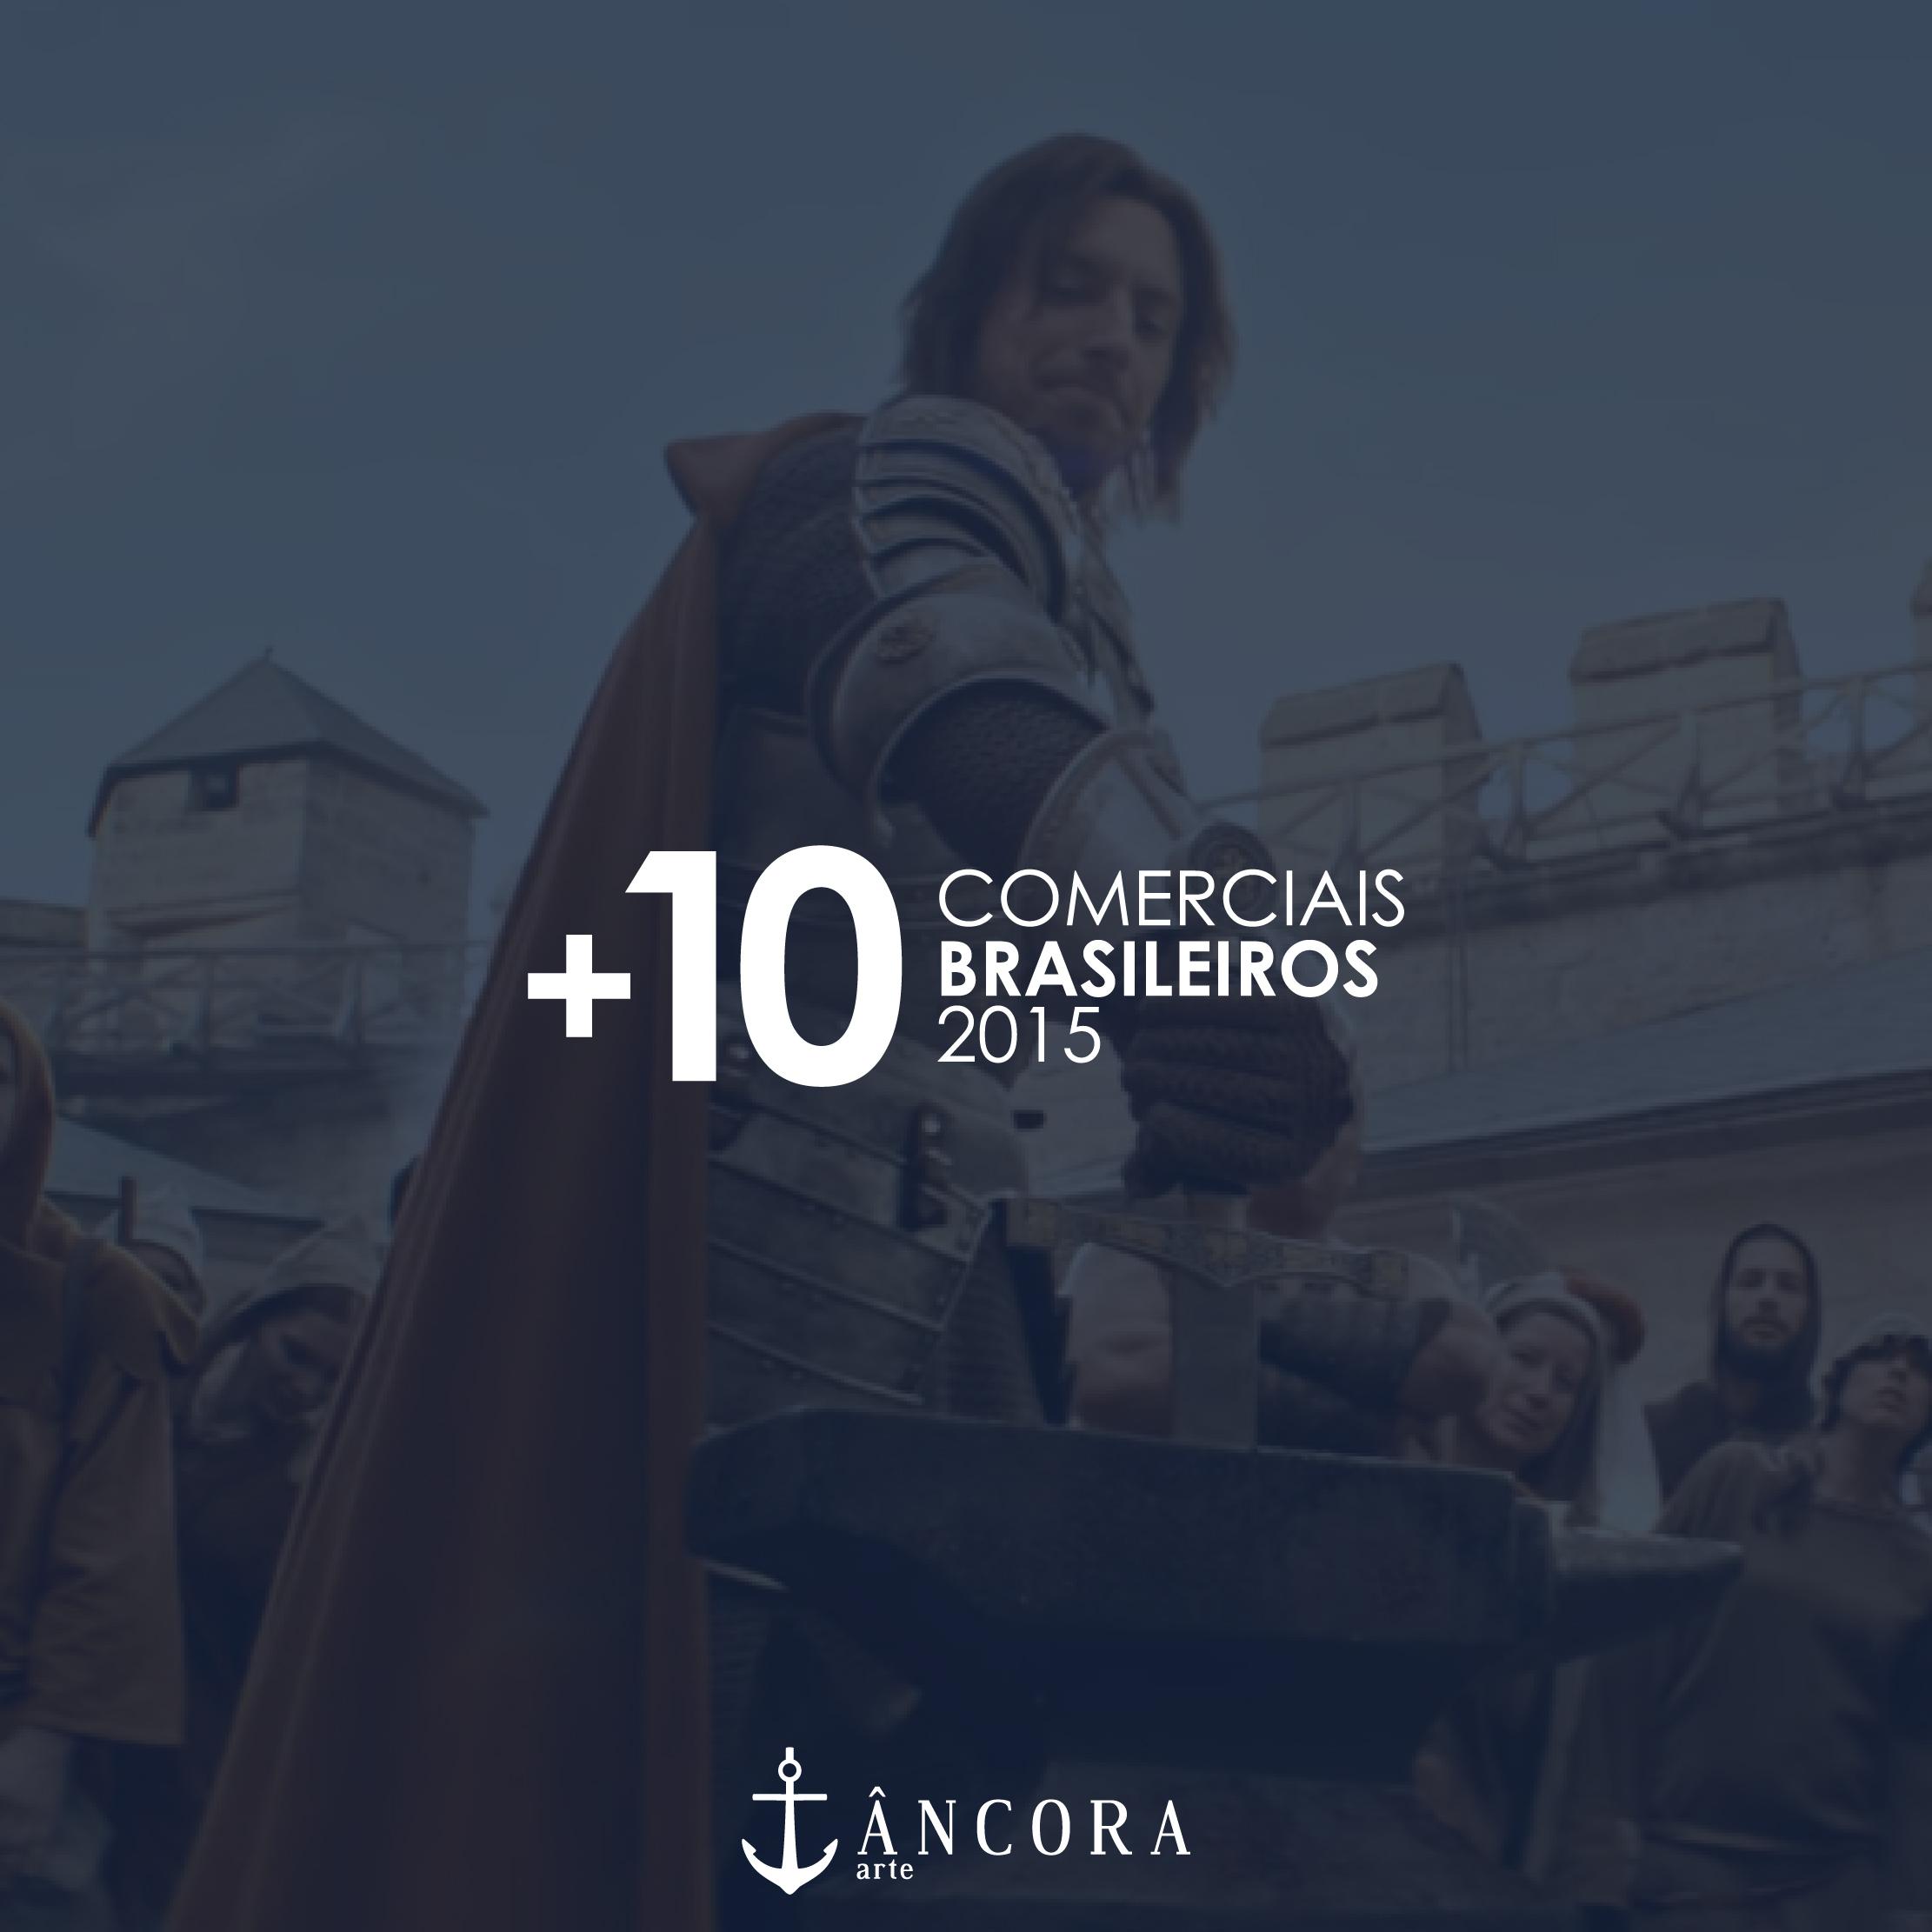 Os melhores comerciais brasileiros de 2015